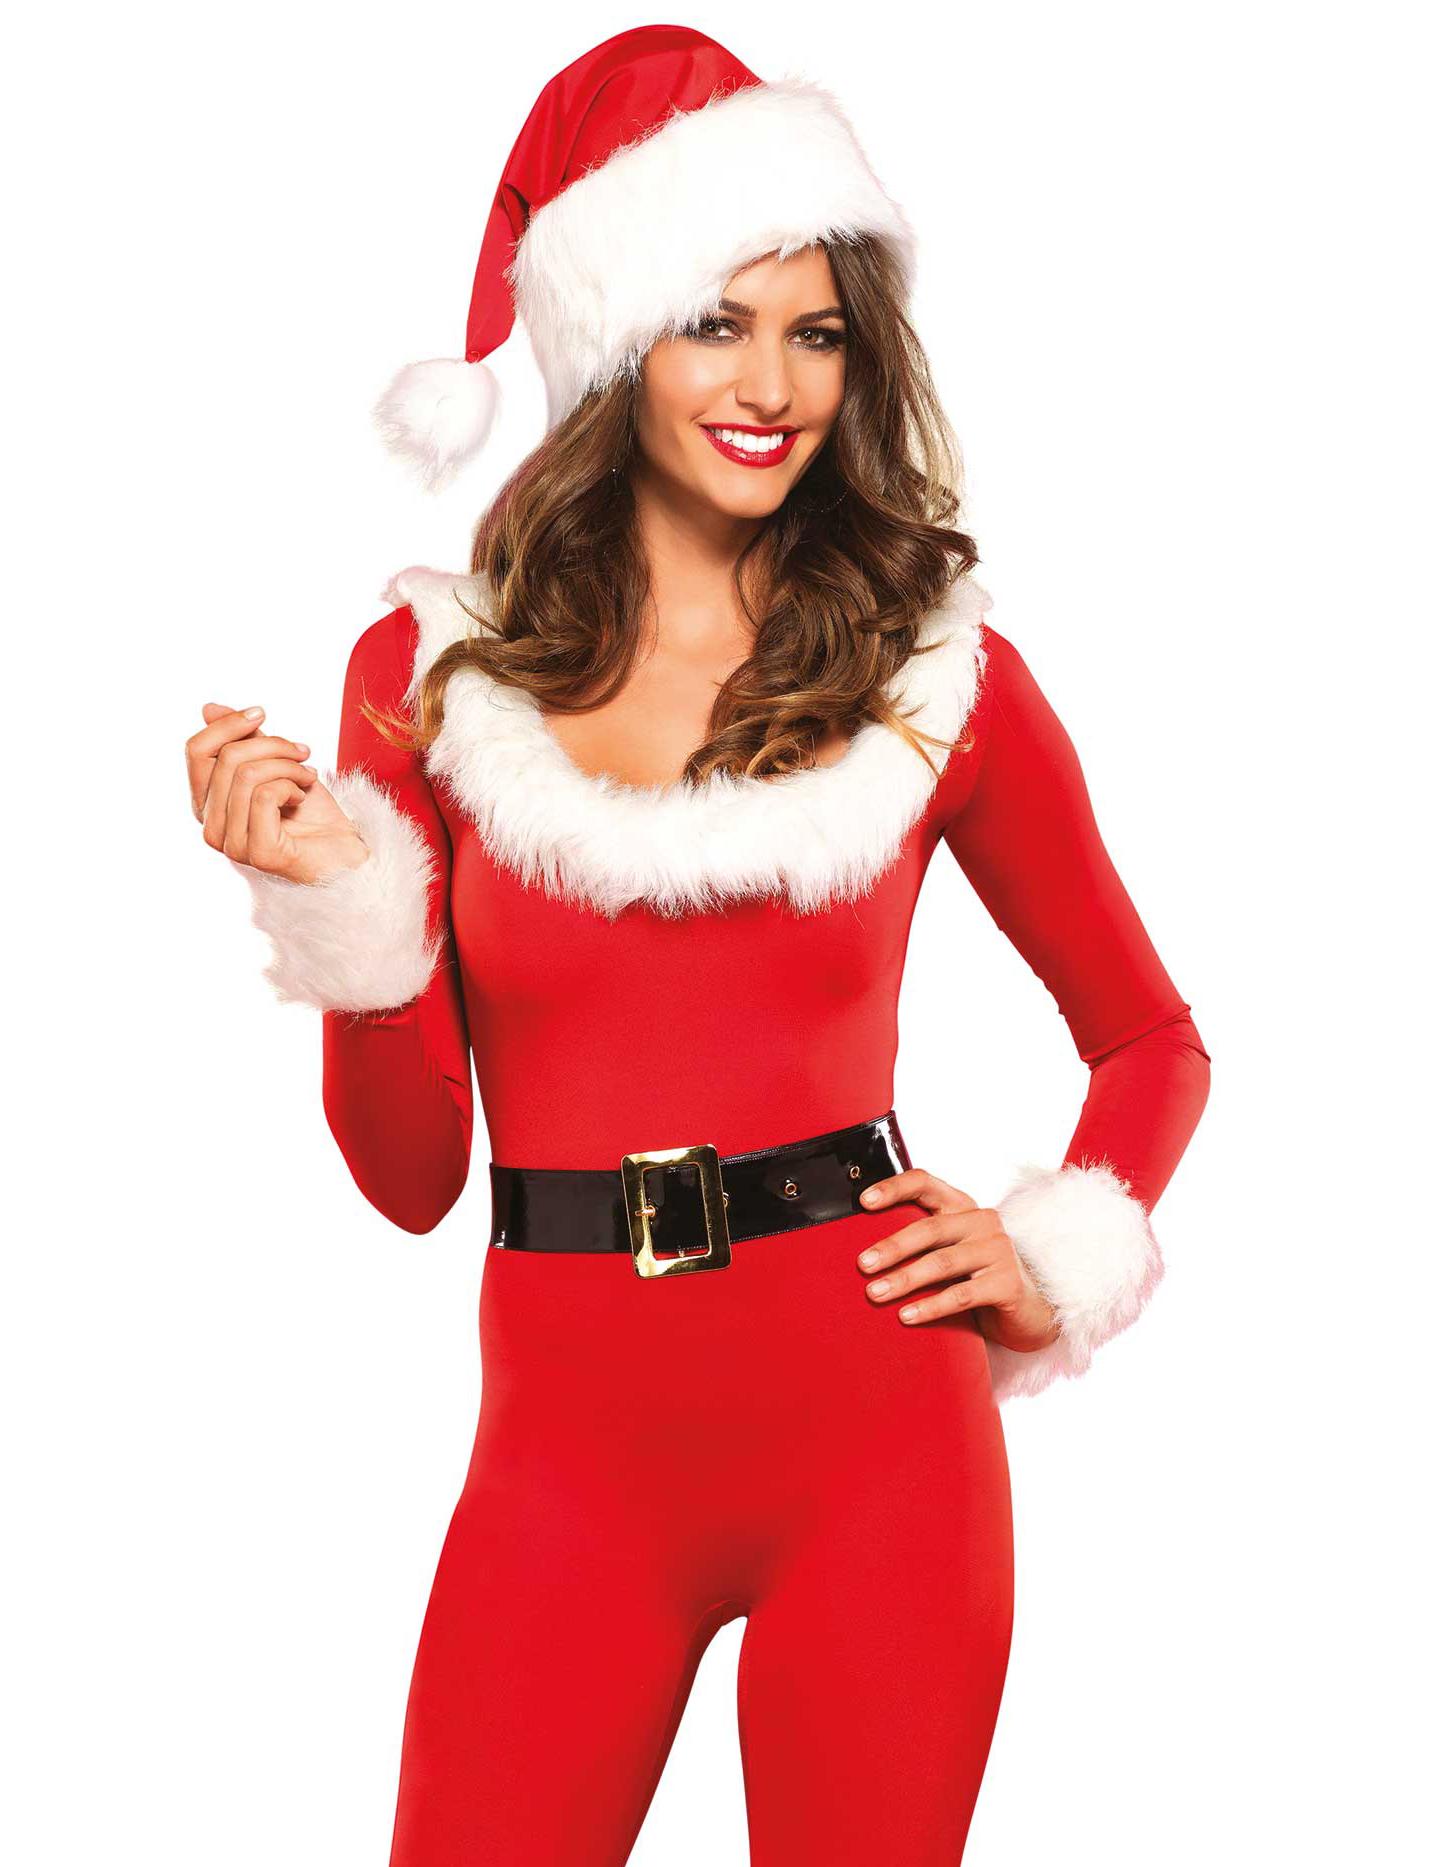 hochwertiges weihnachtsfrau kost m mit accessoires. Black Bedroom Furniture Sets. Home Design Ideas